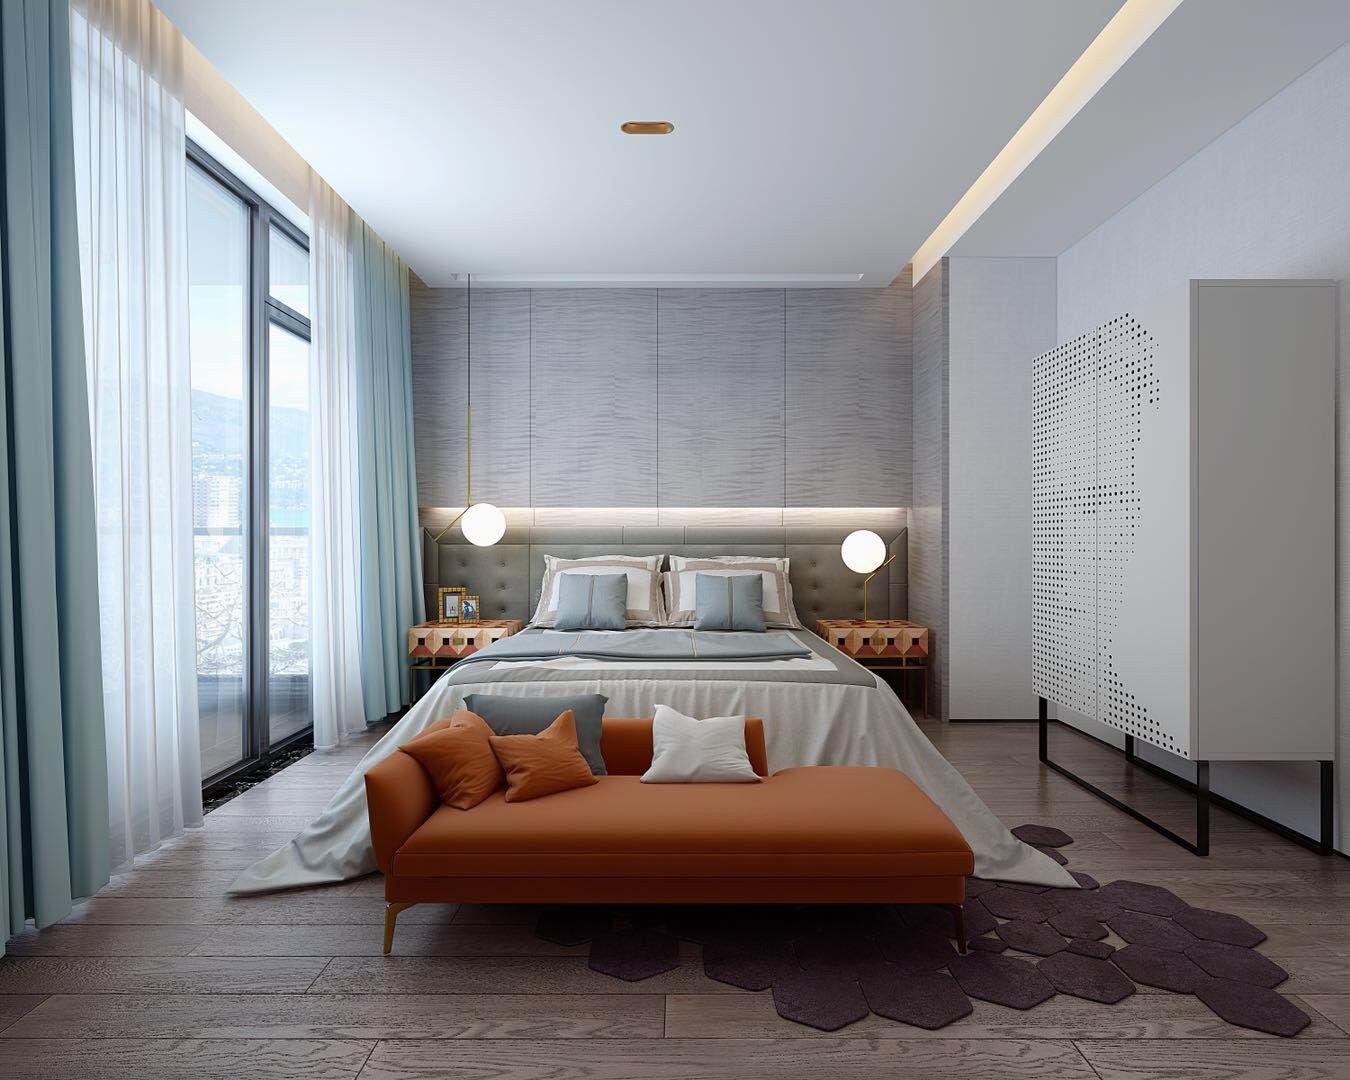 别墅 设计 装修 案例 现代轻奢 卧室图片来自无锡别墅设计s在金匮大观500㎡别墅现代轻奢案例的分享